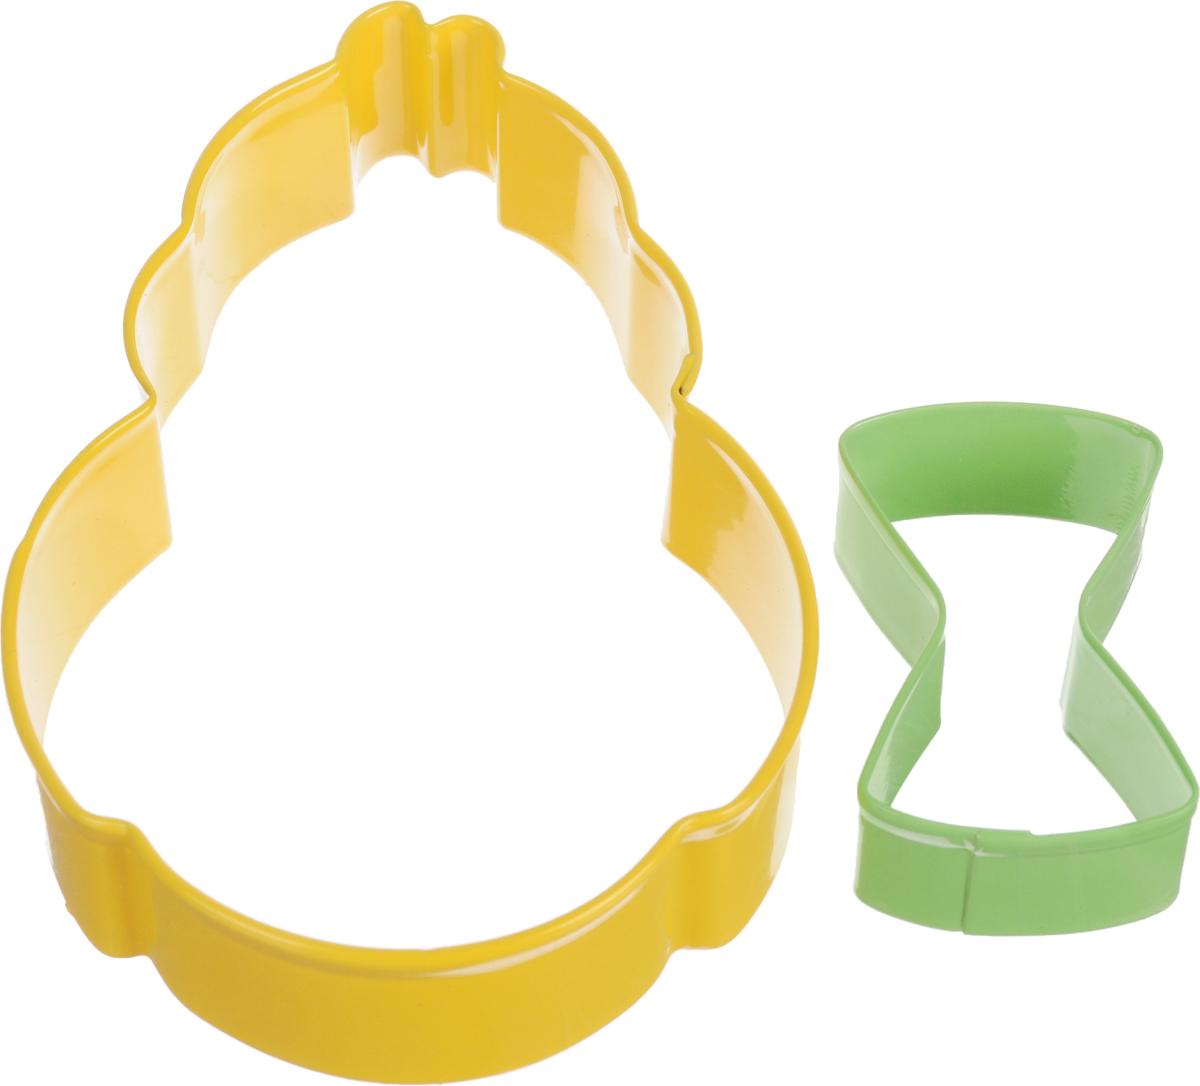 Формочки для вырезания печенья Wilton Цыпленок с бабочкой, 2 штWLT-2308-0217Набор Wilton Цыпленок с бабочкой состоит из трех форм для вырезания фигурного печенья, изготовленных из металла. Формы выполнены в виде цыпленка и бабочки. Если вы любите побаловать своих домашних вкусным и ароматным печеньем по вашему оригинальному рецепту, то формы для вырезания печенья как раз то, что вам нужно!Формы можно использовать как трафарет для вырезания фигурок из бумаги и других материалов.Размер формочки в виде цыпленка: 11.5 см х 7.5 см х 2,5 см.Размер формочки в виде бабочки: 5 см х 3 см х 2 см.Возрастная категория: 3+.